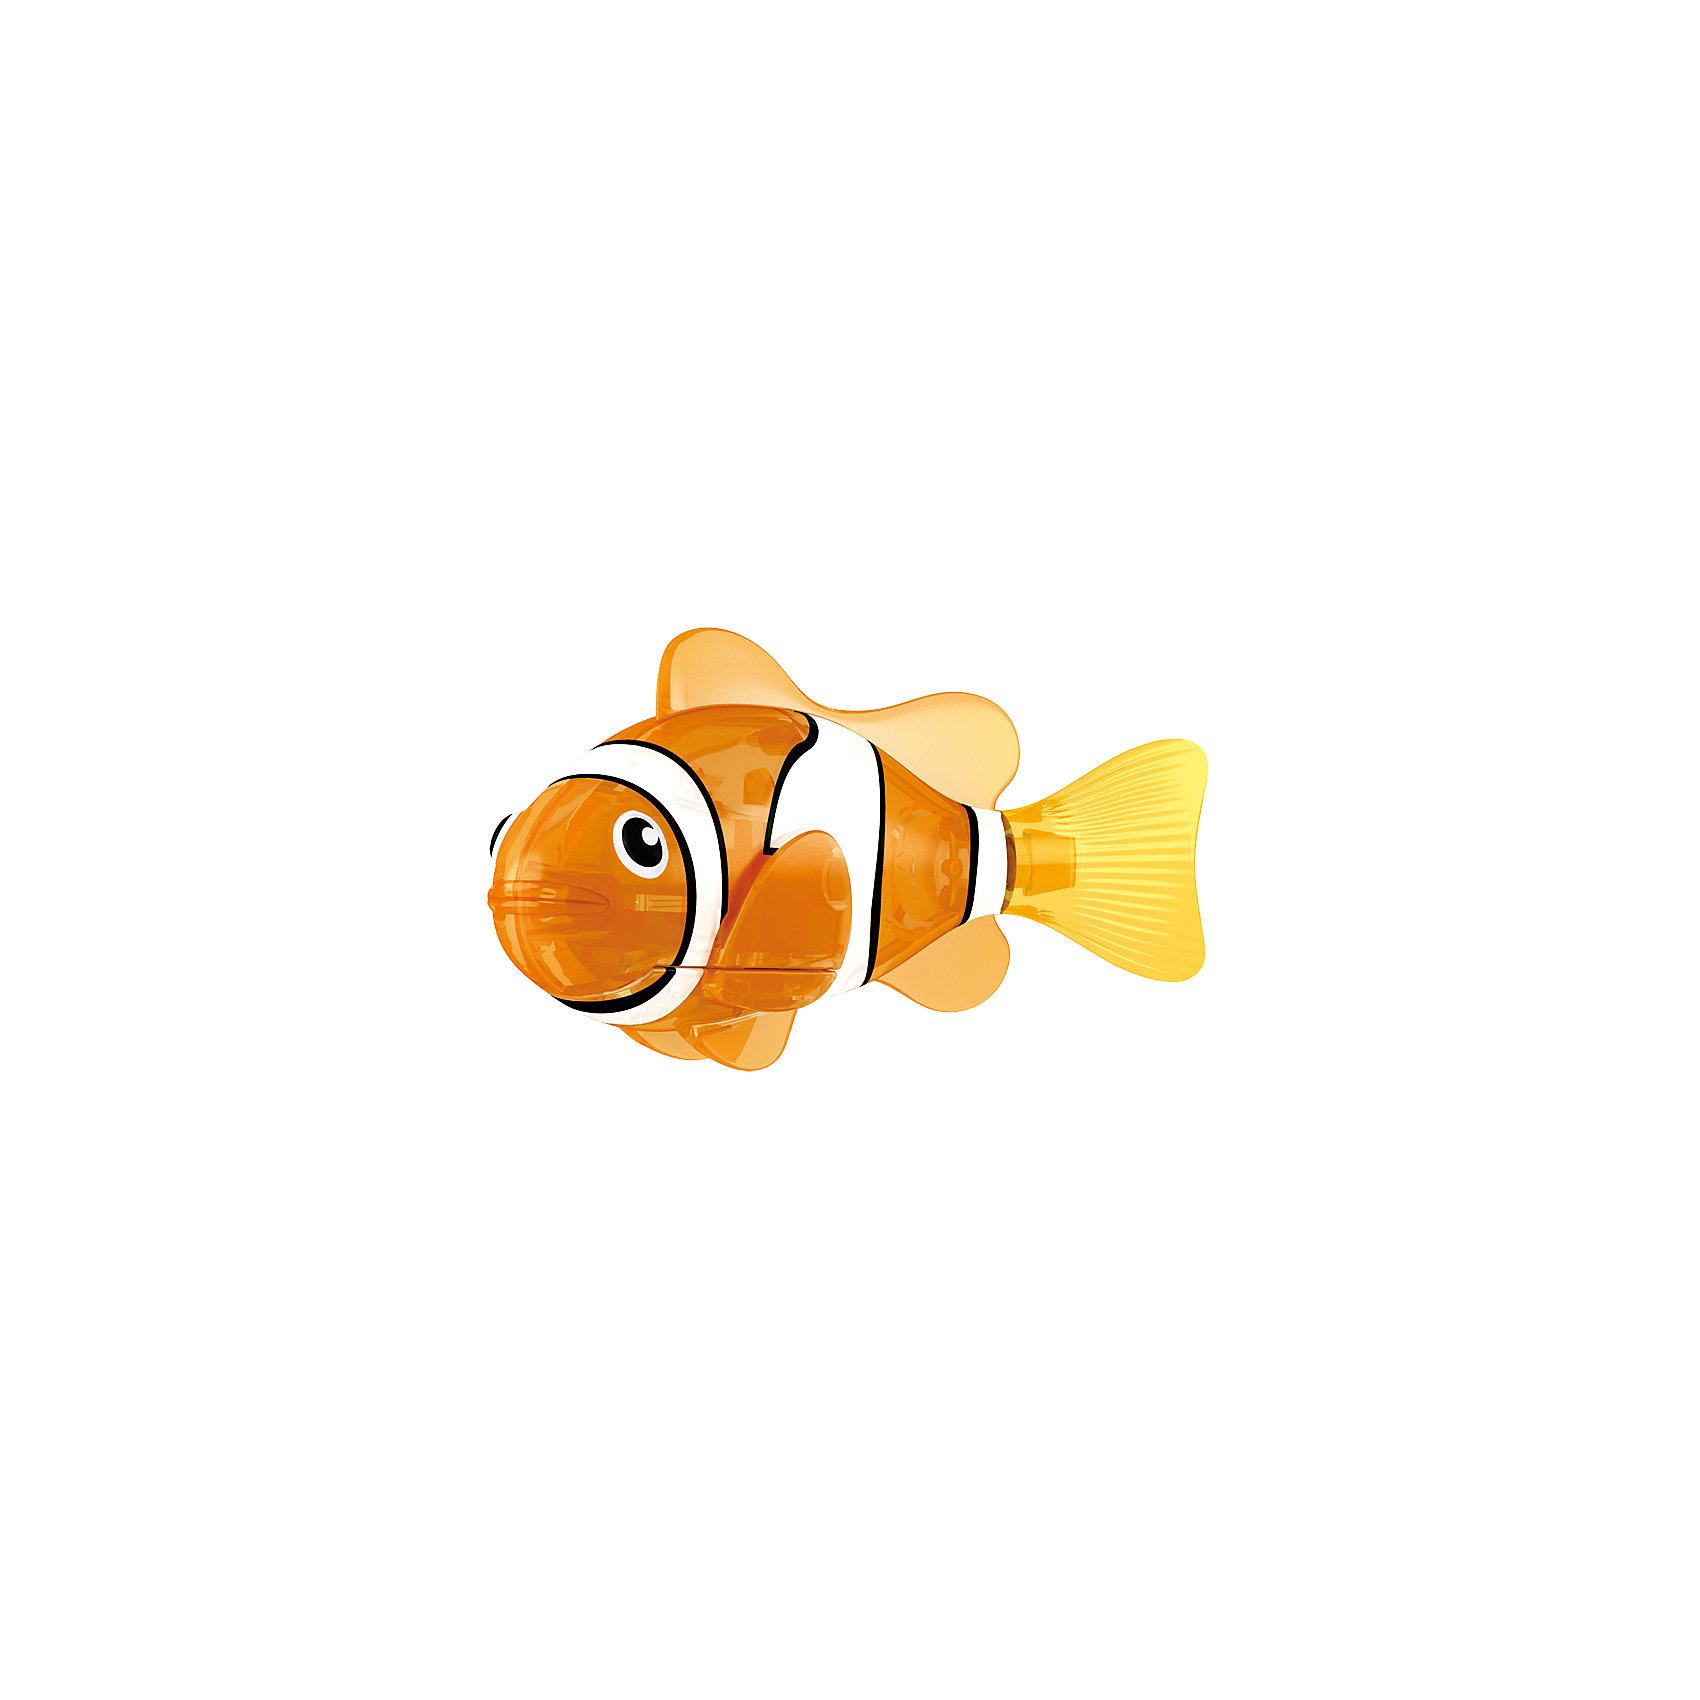 РобоРыбка светодиодная Красная Сирена, RoboFishРоборыбки<br>РобоРыбка светодиодная Красная Сирена, RoboFish (РобоФиш) - это инновационная рыбка, которая при соприкосновении с водой начинает не только плавать как живая, но и светиться.  <br><br>Благодаря встроенному светодиоду красного цвета, за рыбкой интересно наблюдать в темноте. Рыбок можно посадить в аквариум и любоваться ими, а можно запустить в ванной или бассейне и поплавать вместе с ними. Мягкий силиконовый хвост и электромагнитный мотор помогают ей двигаться в 5 различных направлениях. Игрушка плавает в воде в течение 4-4,5 минут, после чего ее можно вынуть из воды, и снова опустить в воду, чтобы рыбка заработала снова.<br><br>Комплектация: РобоРыбка, 4 батарейки, подставка<br><br>Дополнительная информация:<br><br>-Длина игрушки: около 7 см, высота: 3,5 см   <br>-Работает от 2х батареек типа А76 или RL44 (есть в комплекте 4 шт.)<br>-Материалы: силикон, пластмасса<br><br>Не знаете чем удивить своего ребенка? Подарите ему светящуюся РобоРыбку! РобоРыбки не только плавают в воде, но и светятся!<br><br>РобоРыбку светодиодную Красная Сирена, RoboFish (РобоФиш) можно купить в нашем магазине.<br><br>Ширина мм: 60<br>Глубина мм: 200<br>Высота мм: 50<br>Вес г: 90<br>Возраст от месяцев: 60<br>Возраст до месяцев: 144<br>Пол: Унисекс<br>Возраст: Детский<br>SKU: 3544547